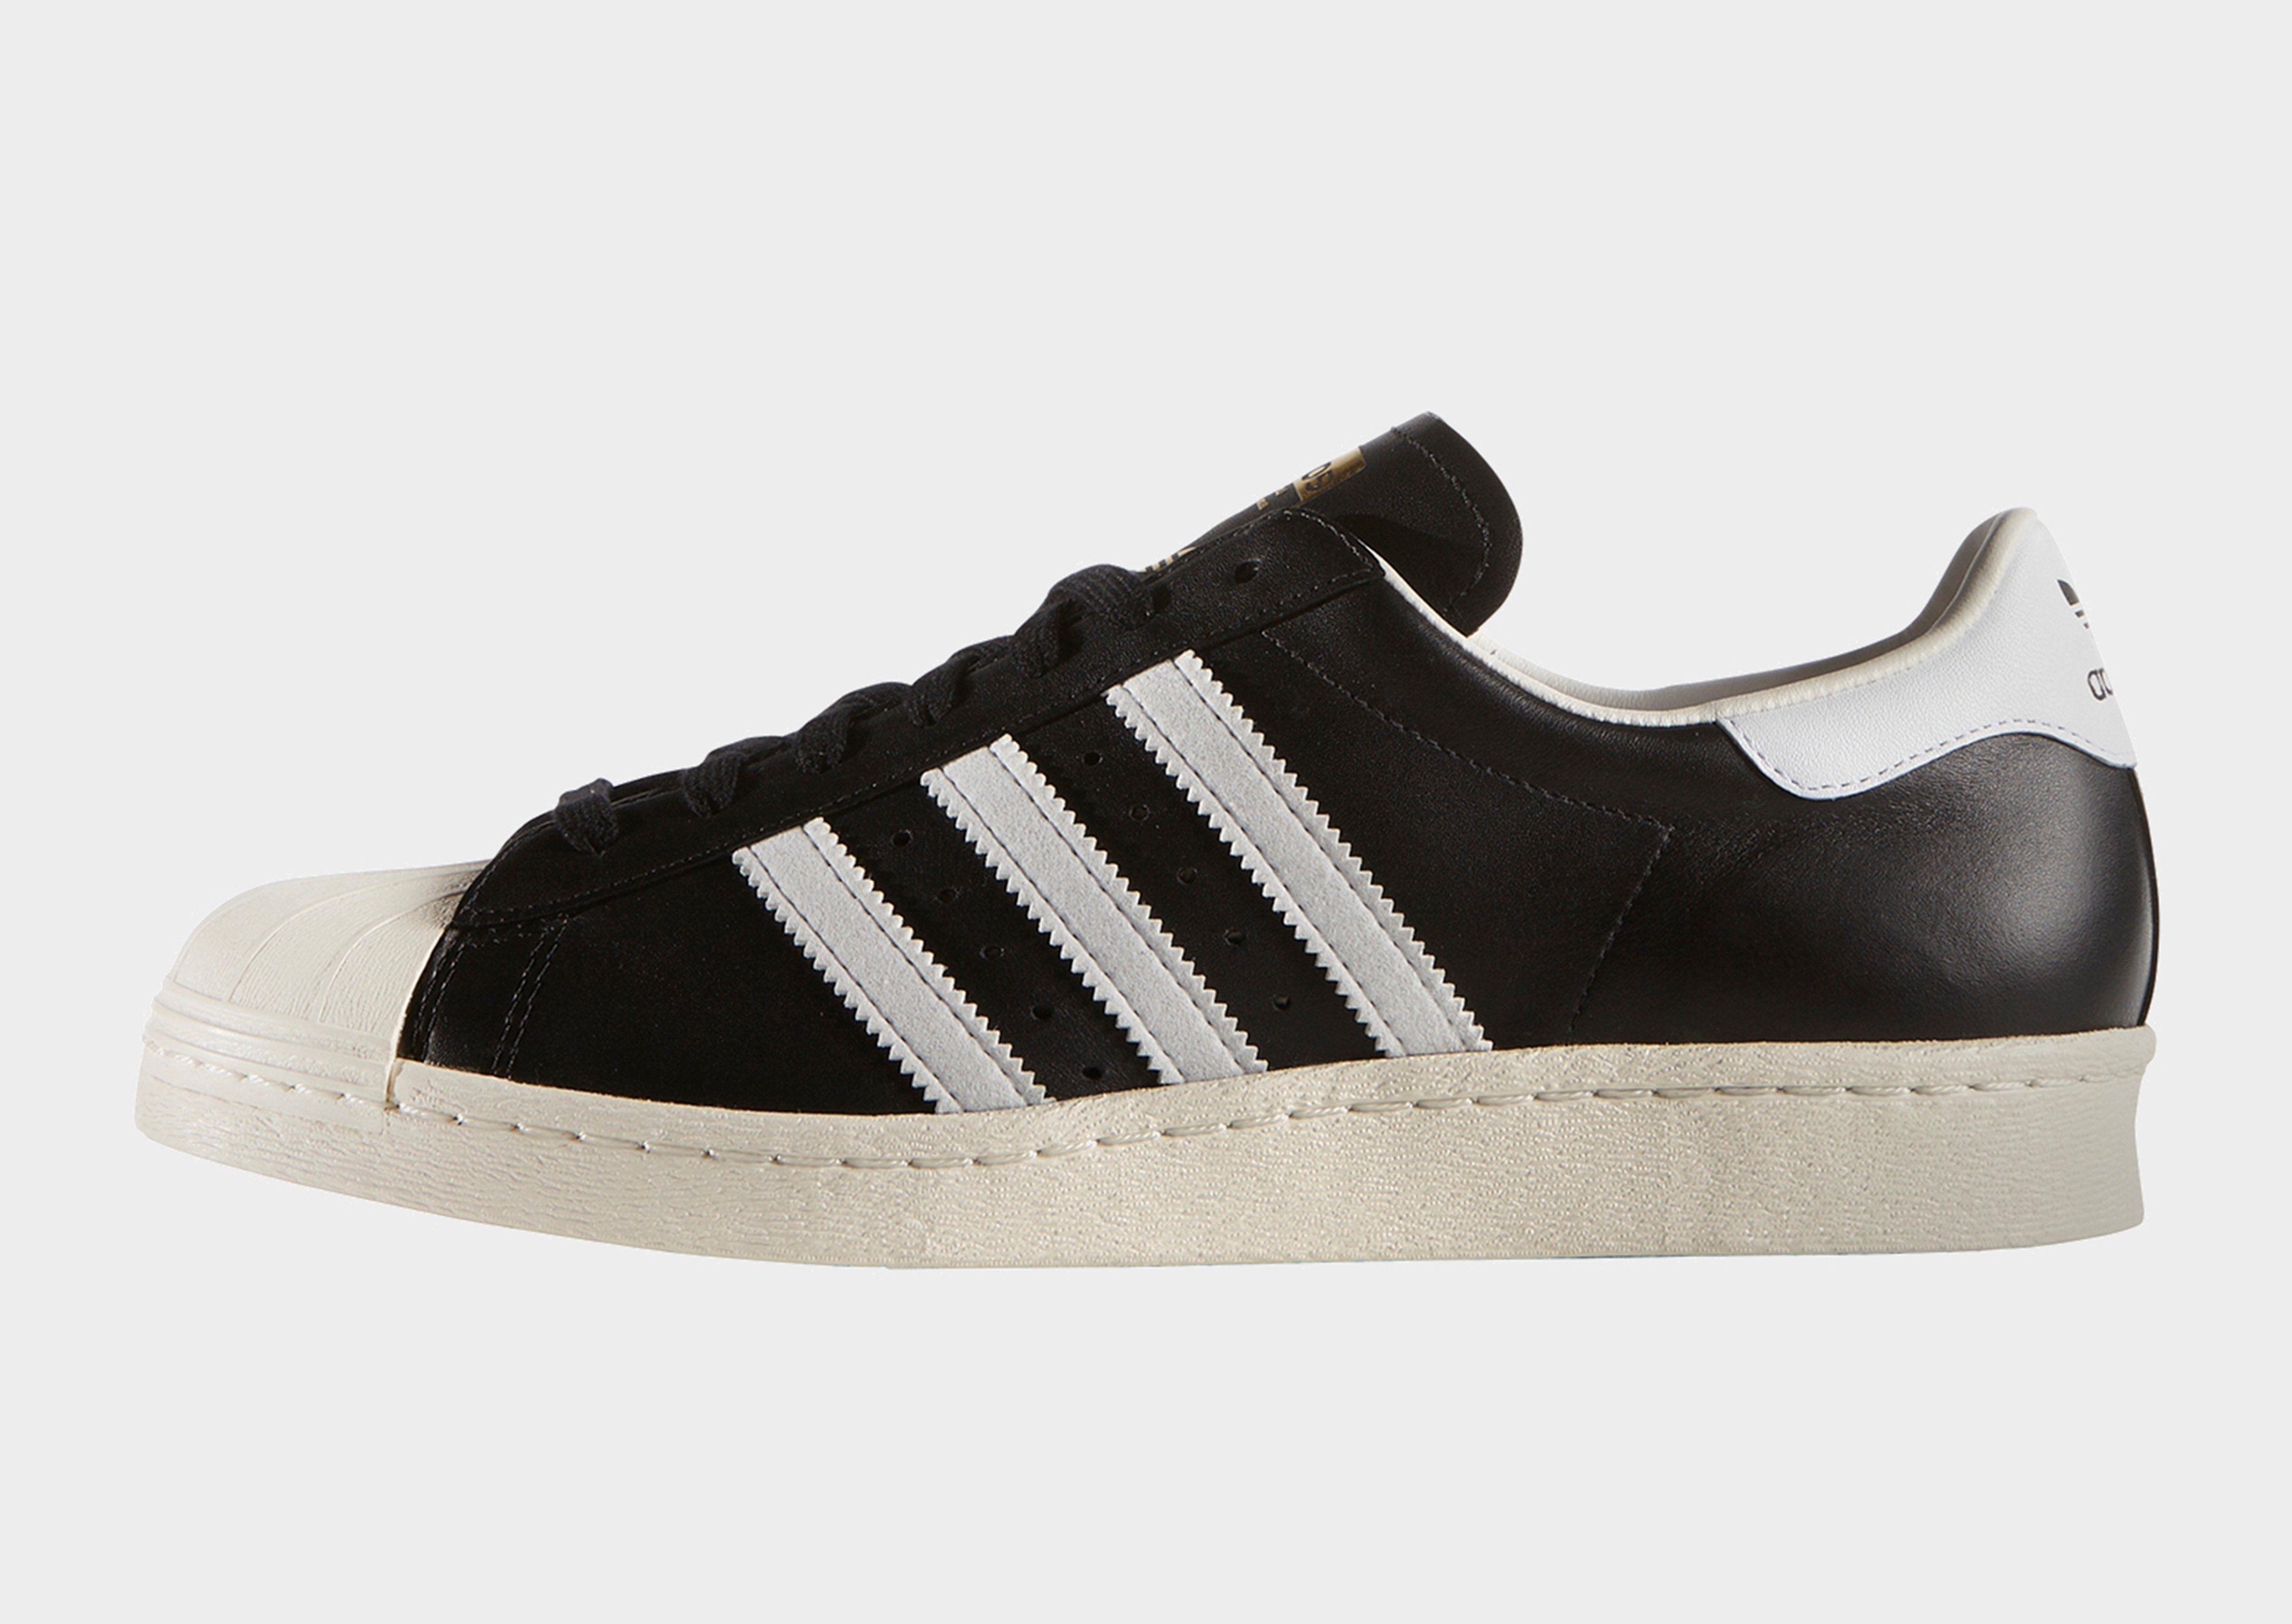 en soldes e4f9a 45cf3 adidas Originals Superstar 80s | JD Sports